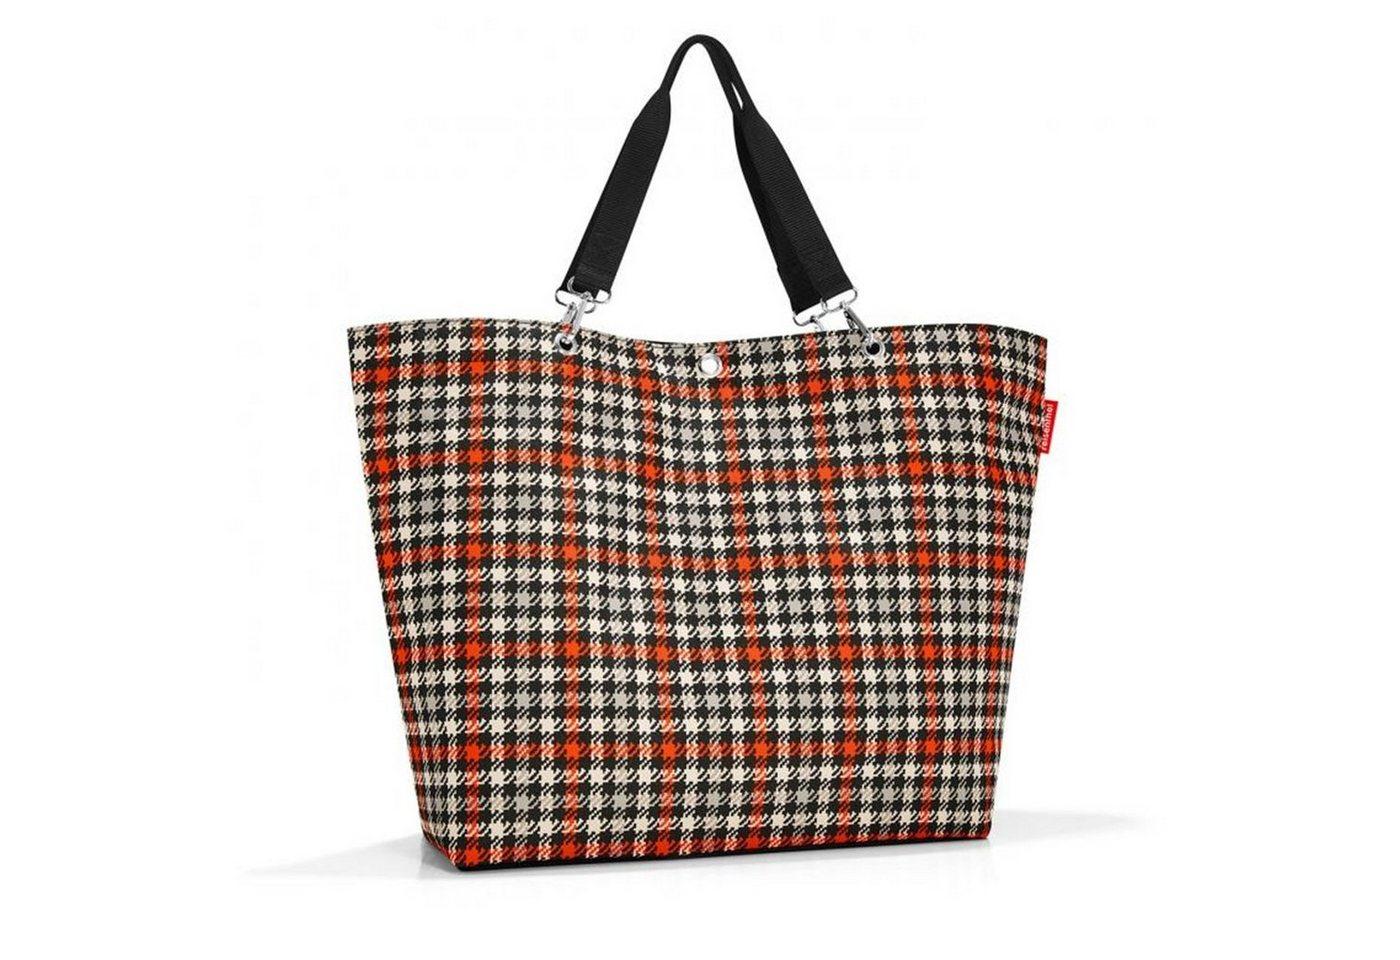 reisenthel® -  XL-Strandtasche »Einkaufstasche shopper XL«, Strandtasche